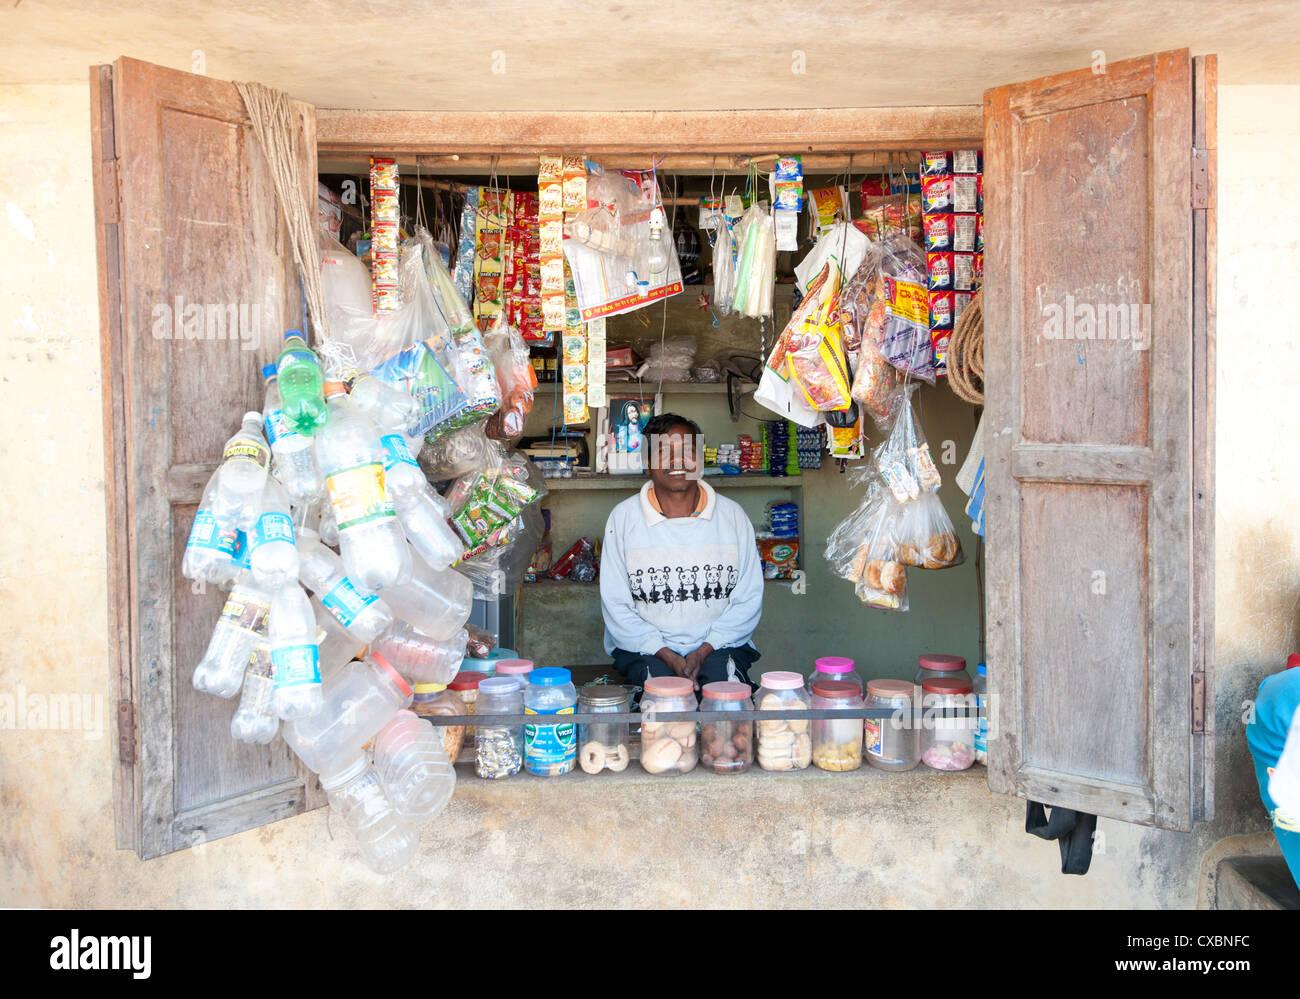 L'uomo mantenendo piccolo villaggio shop in Saura villaggio tribale, Orissa, India, Asia Immagini Stock